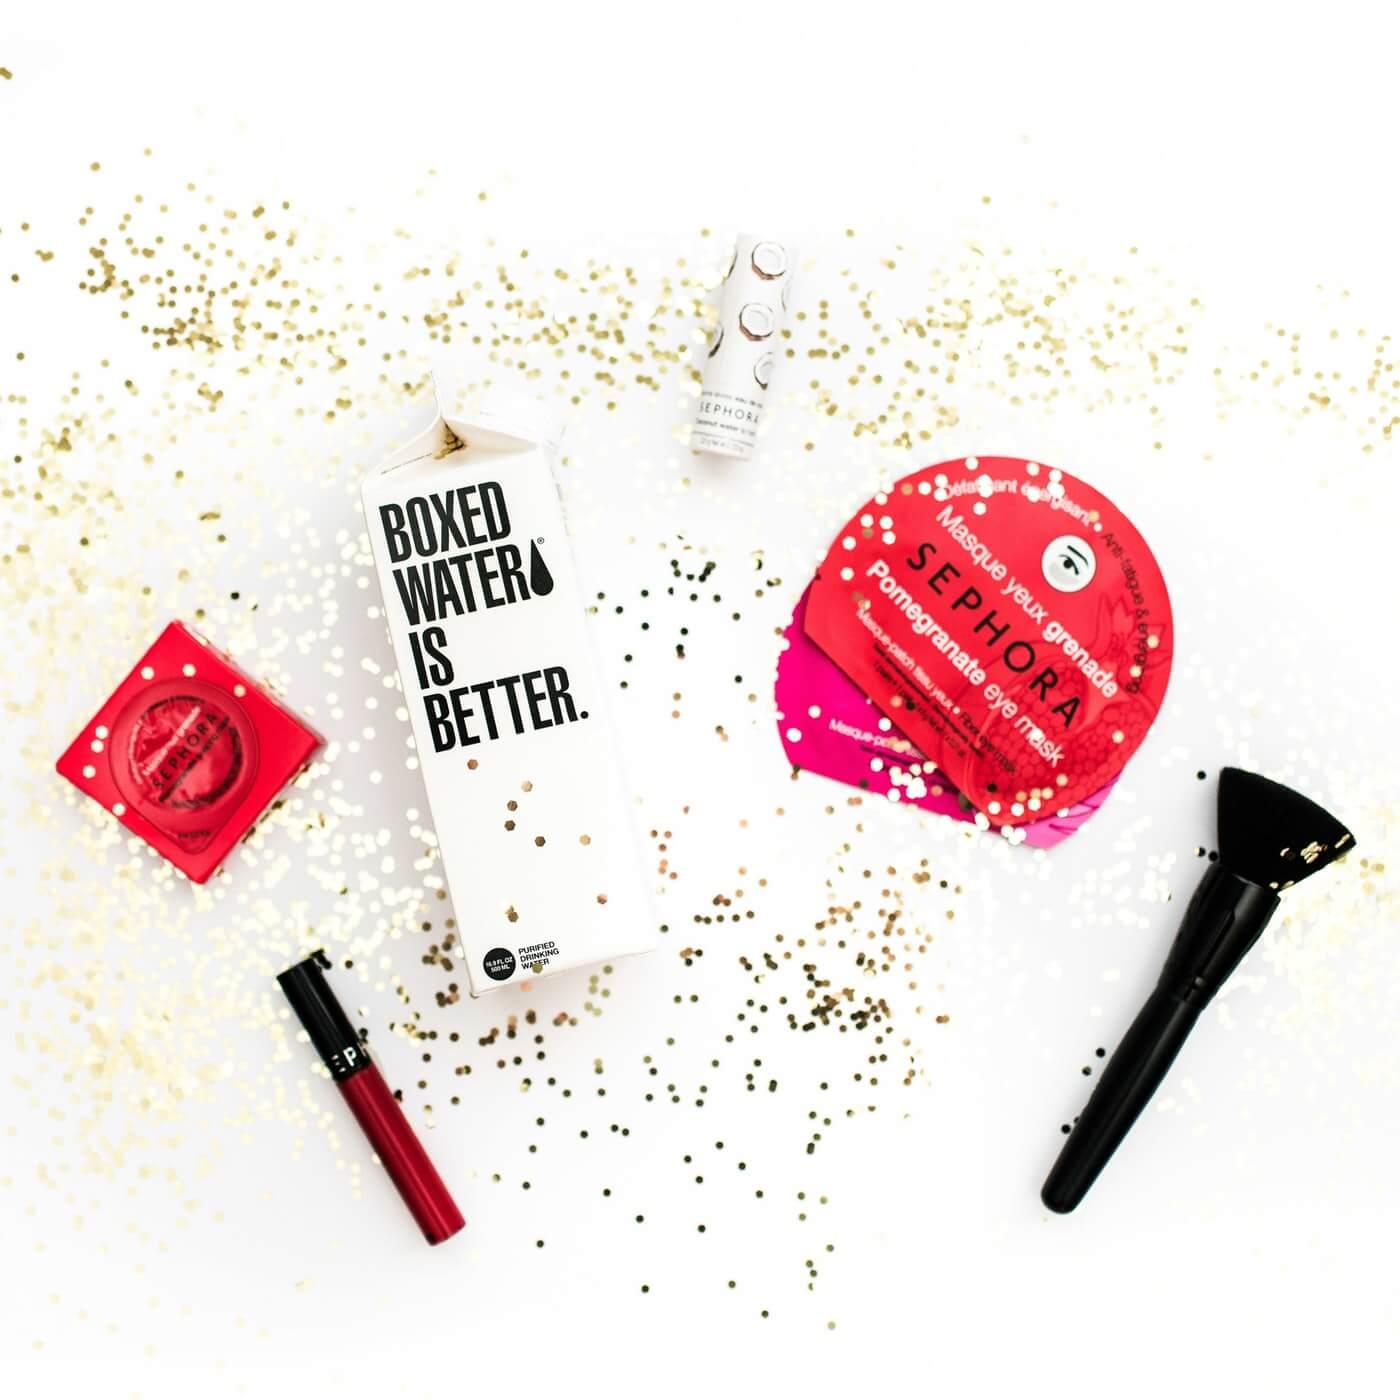 Cilt Bakım Ürünleri, Cosmetics